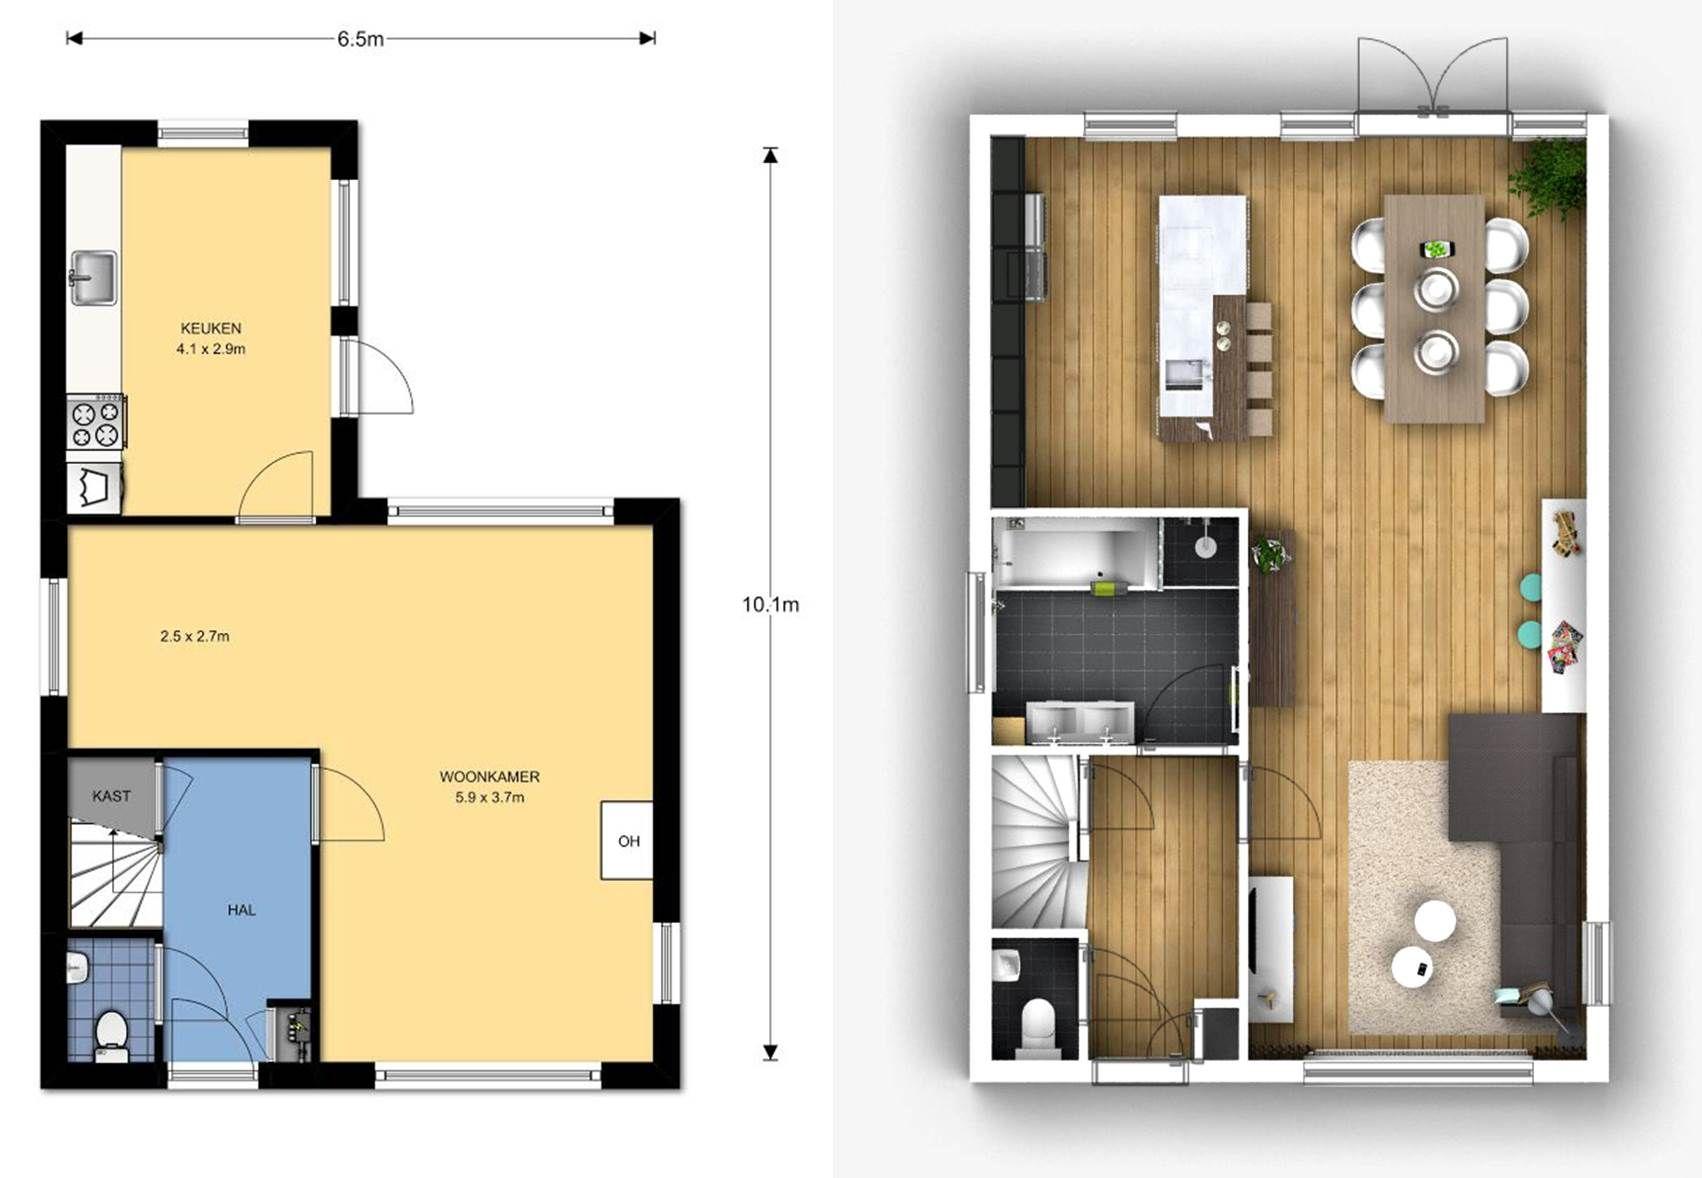 Plattegrond interieuradvies woonkamer keuken badkamer for Interieur advies